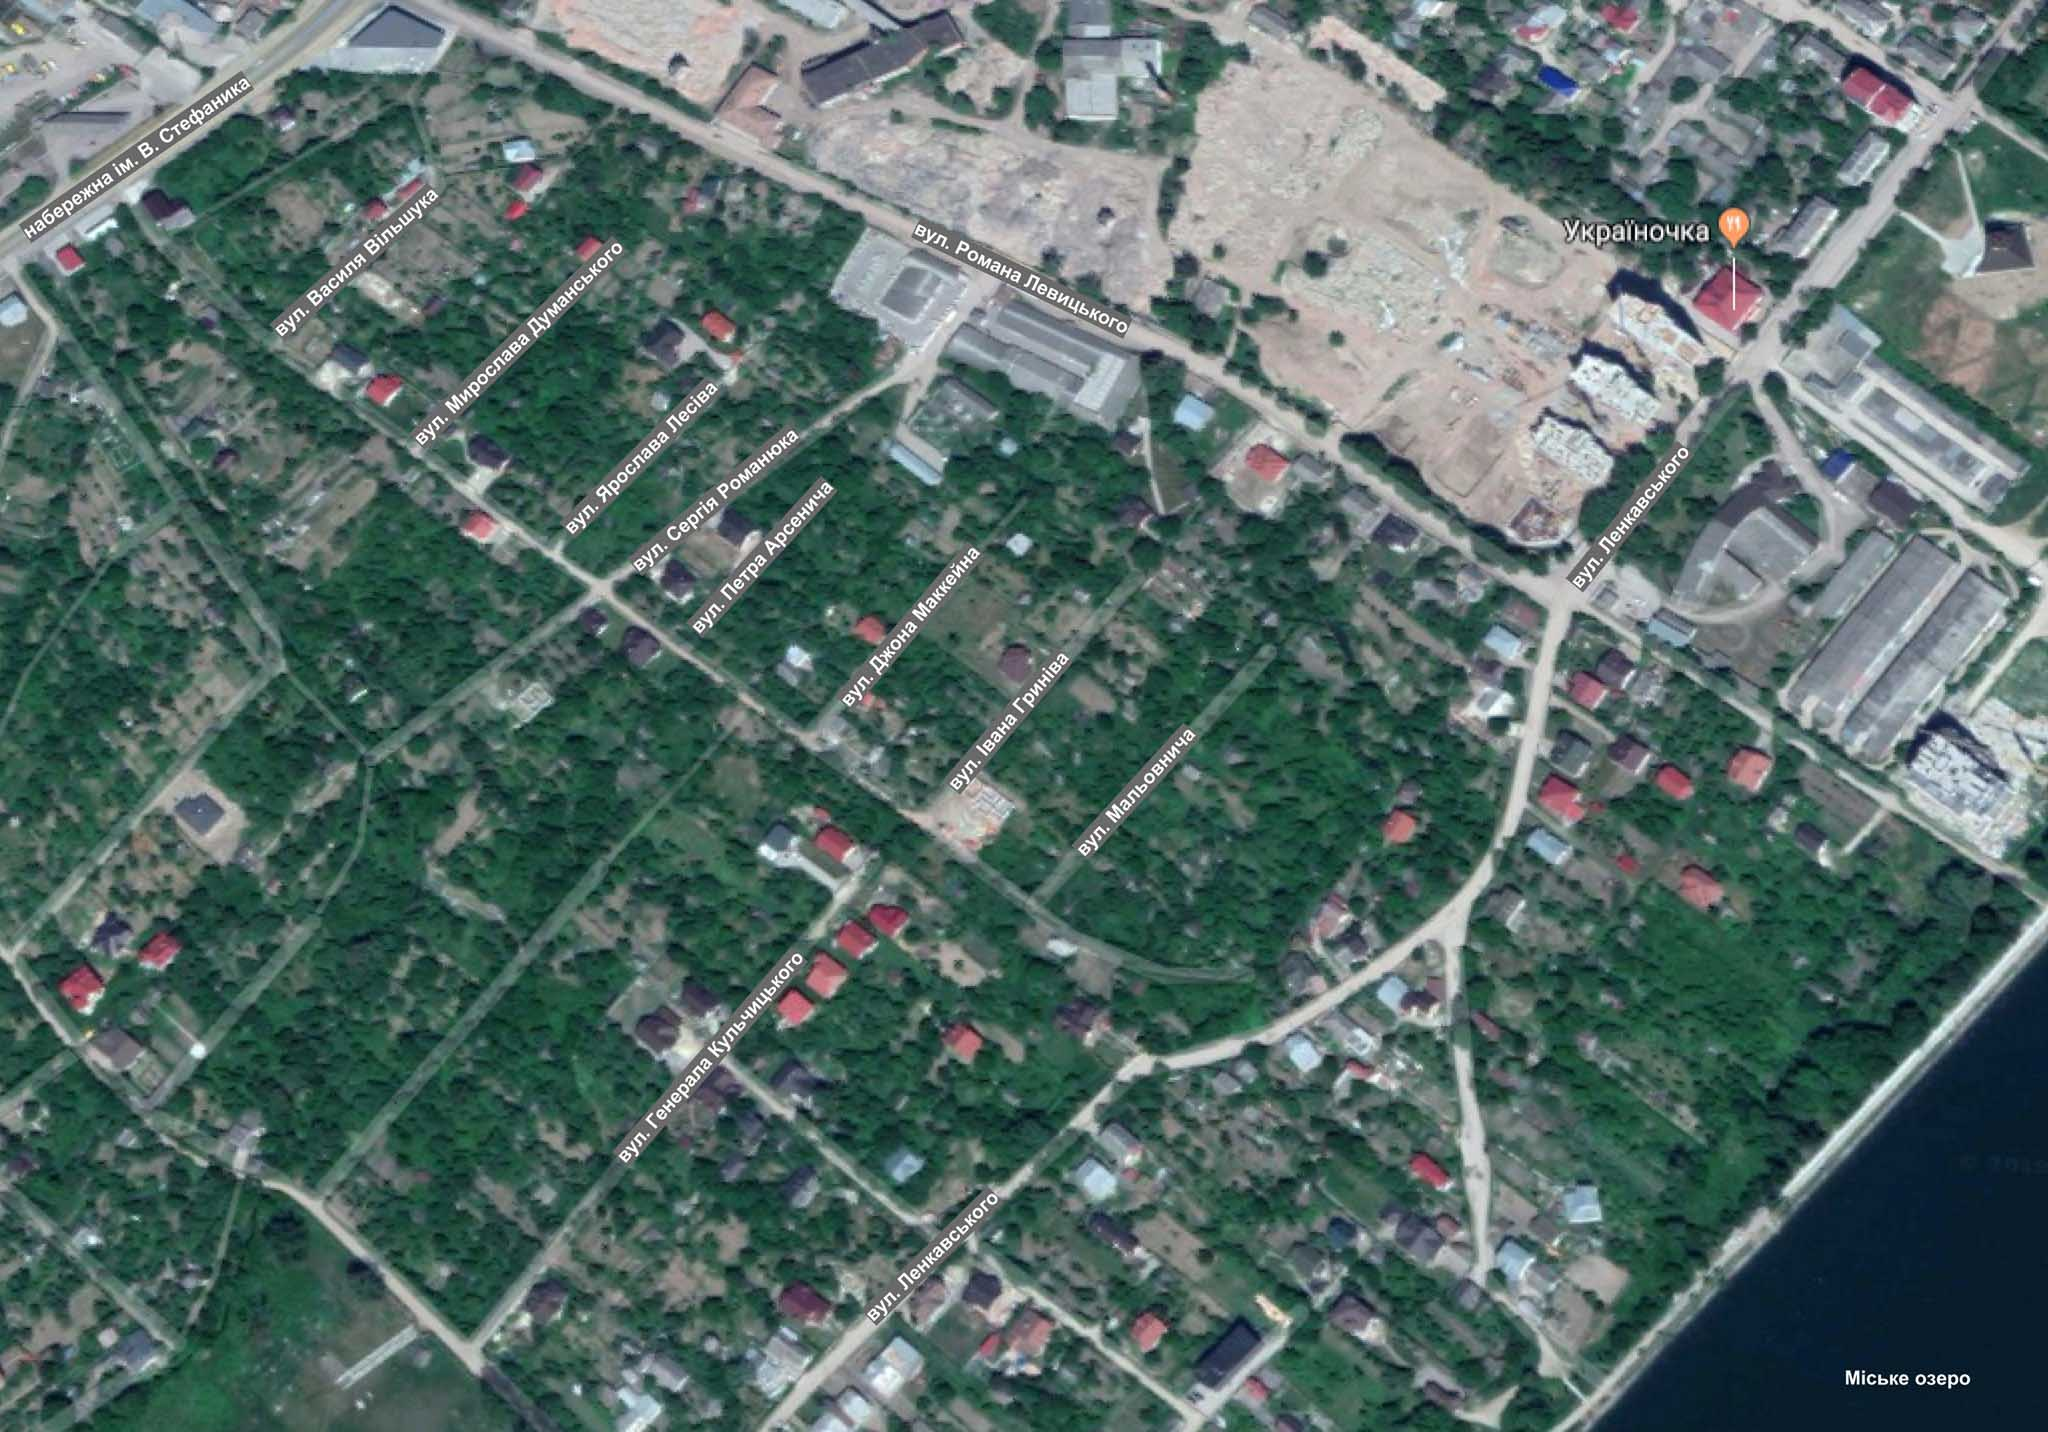 Франківцям показали розташування нових вулиць Маккейна, Романюка та Арсенича (КАРТА)